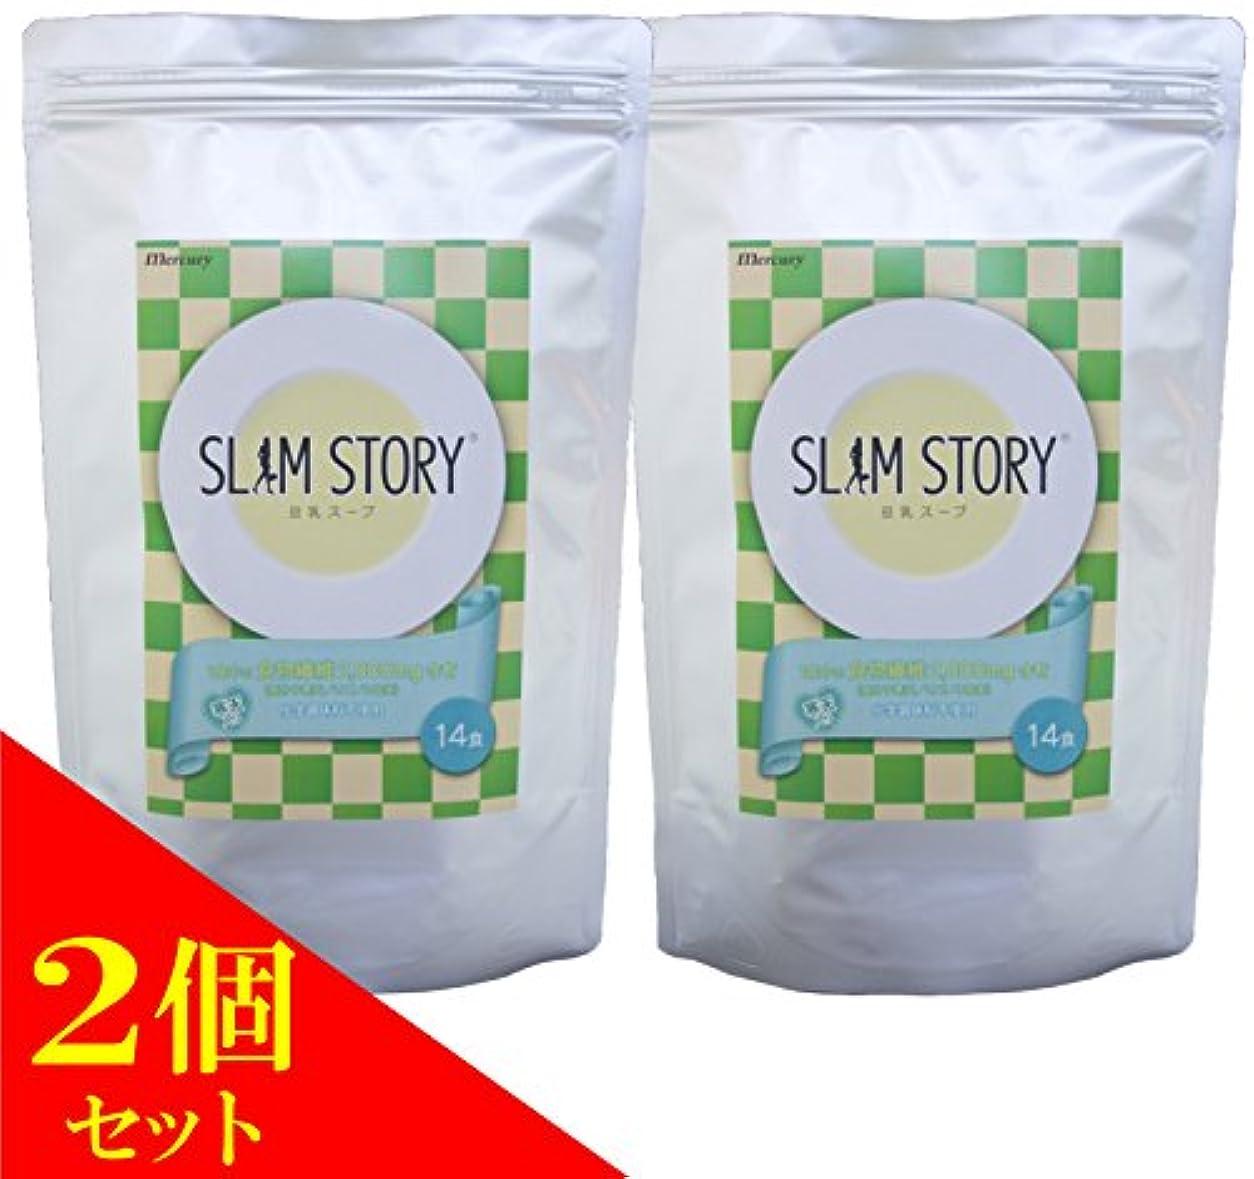 悲観主義者尊敬する道を作る(2個)マーキュリー SLIM STORY 豆乳スープ 14食×2個セット/化学調味料 不使用(4947041155176)